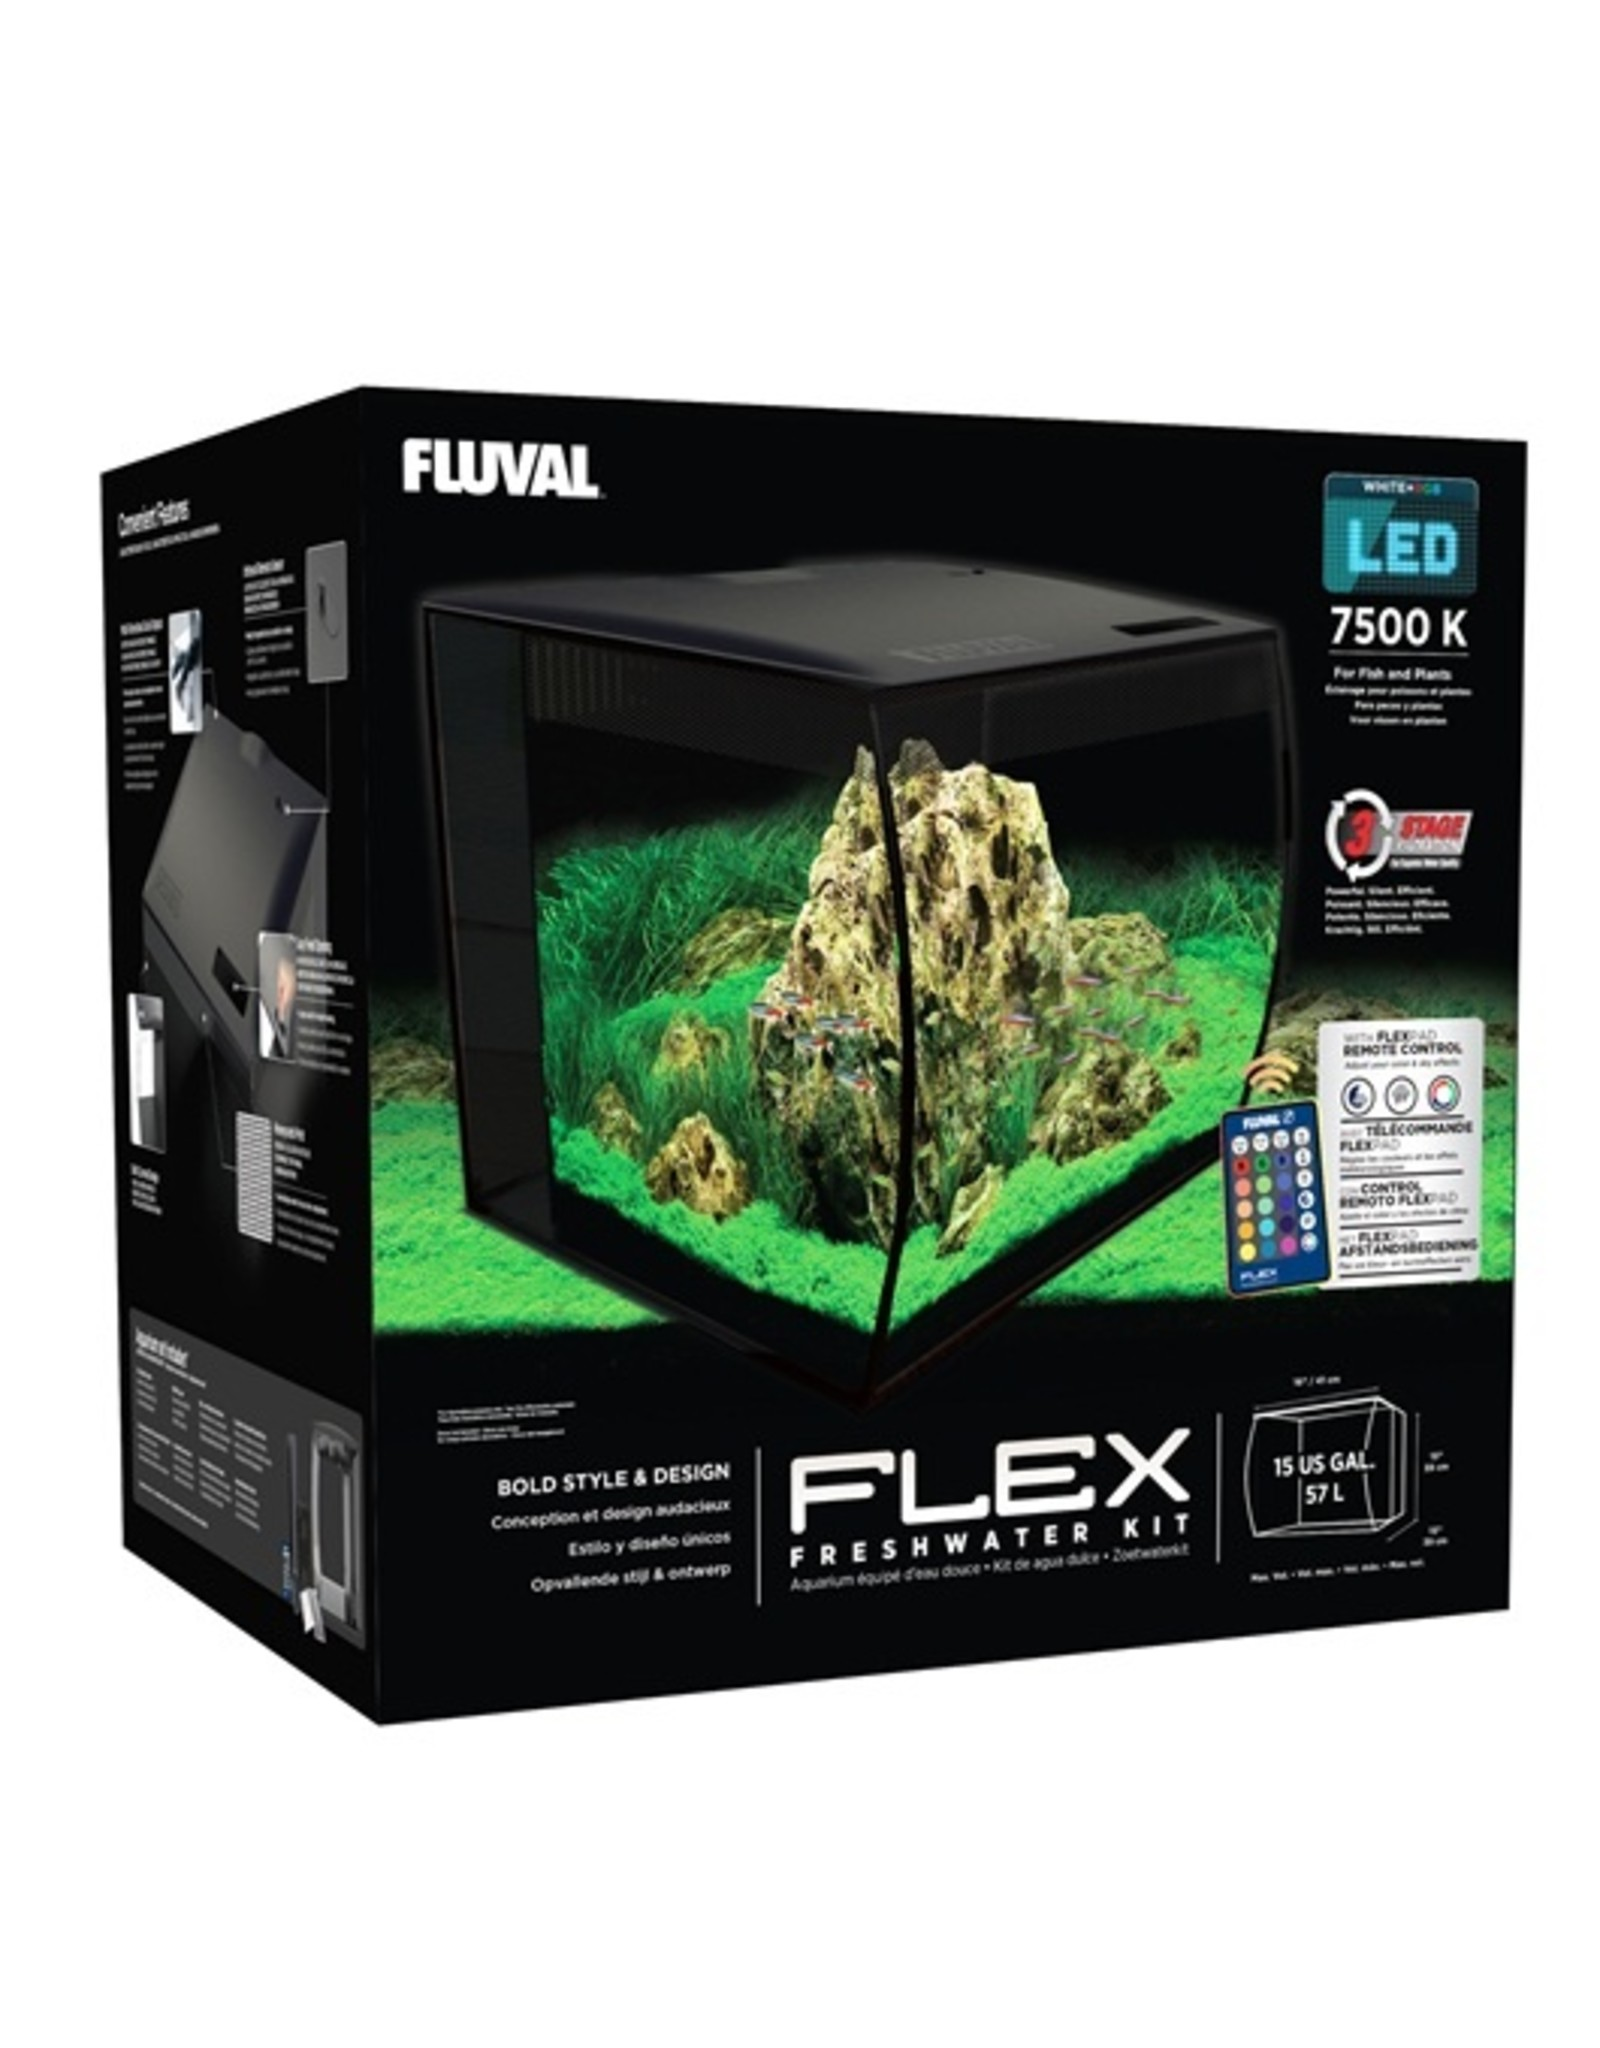 FL - Fluval Fluval Flex Aquarium, Black, 57L (15gal) - PP